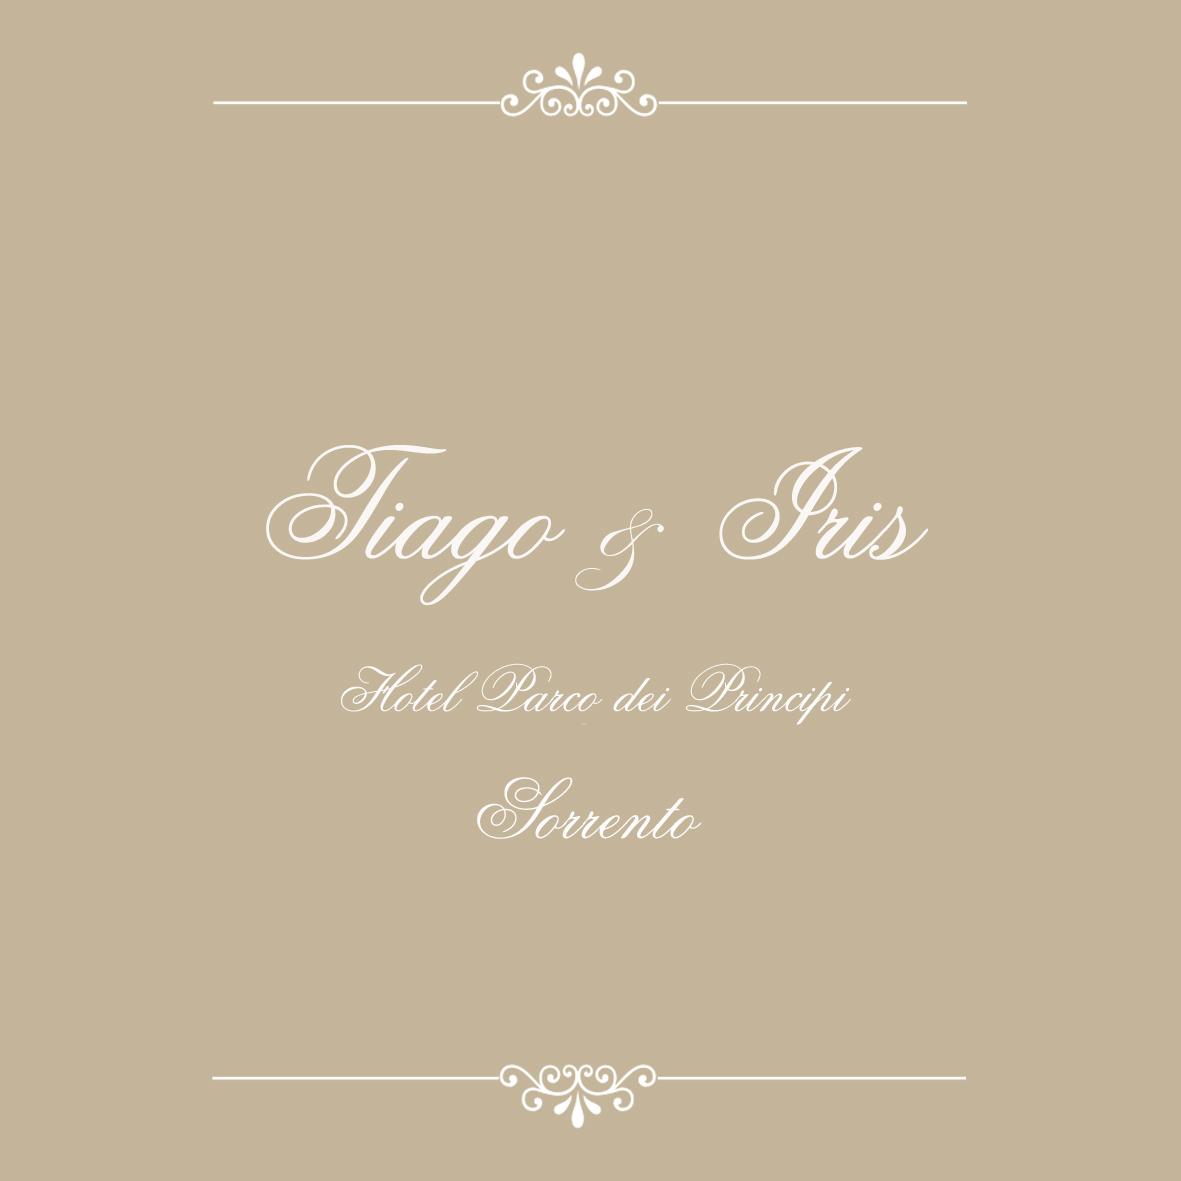 Thiago e Iris